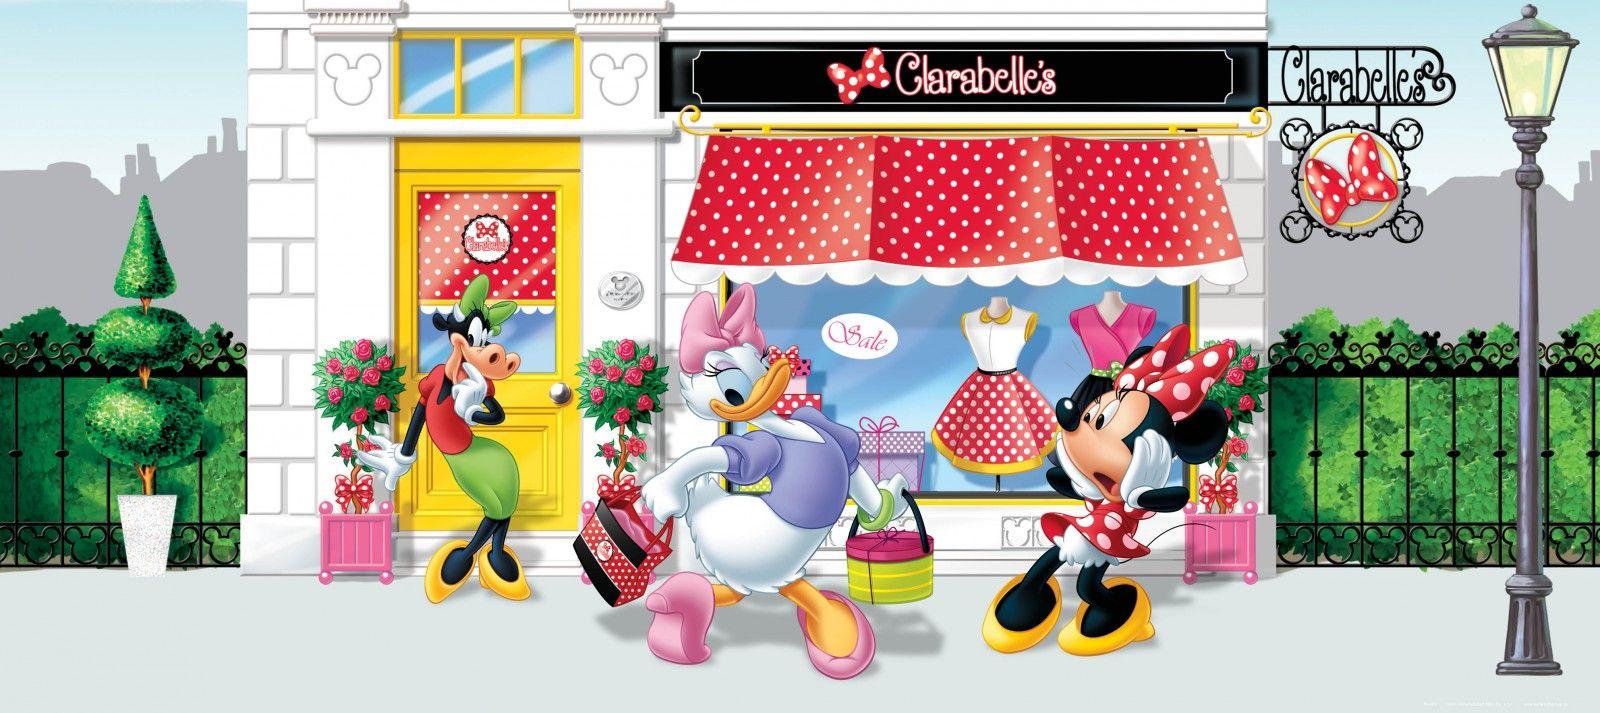 Best Wall Mural Wallpaper Disney Minnie Mouse Daisy Duck 400 x 300